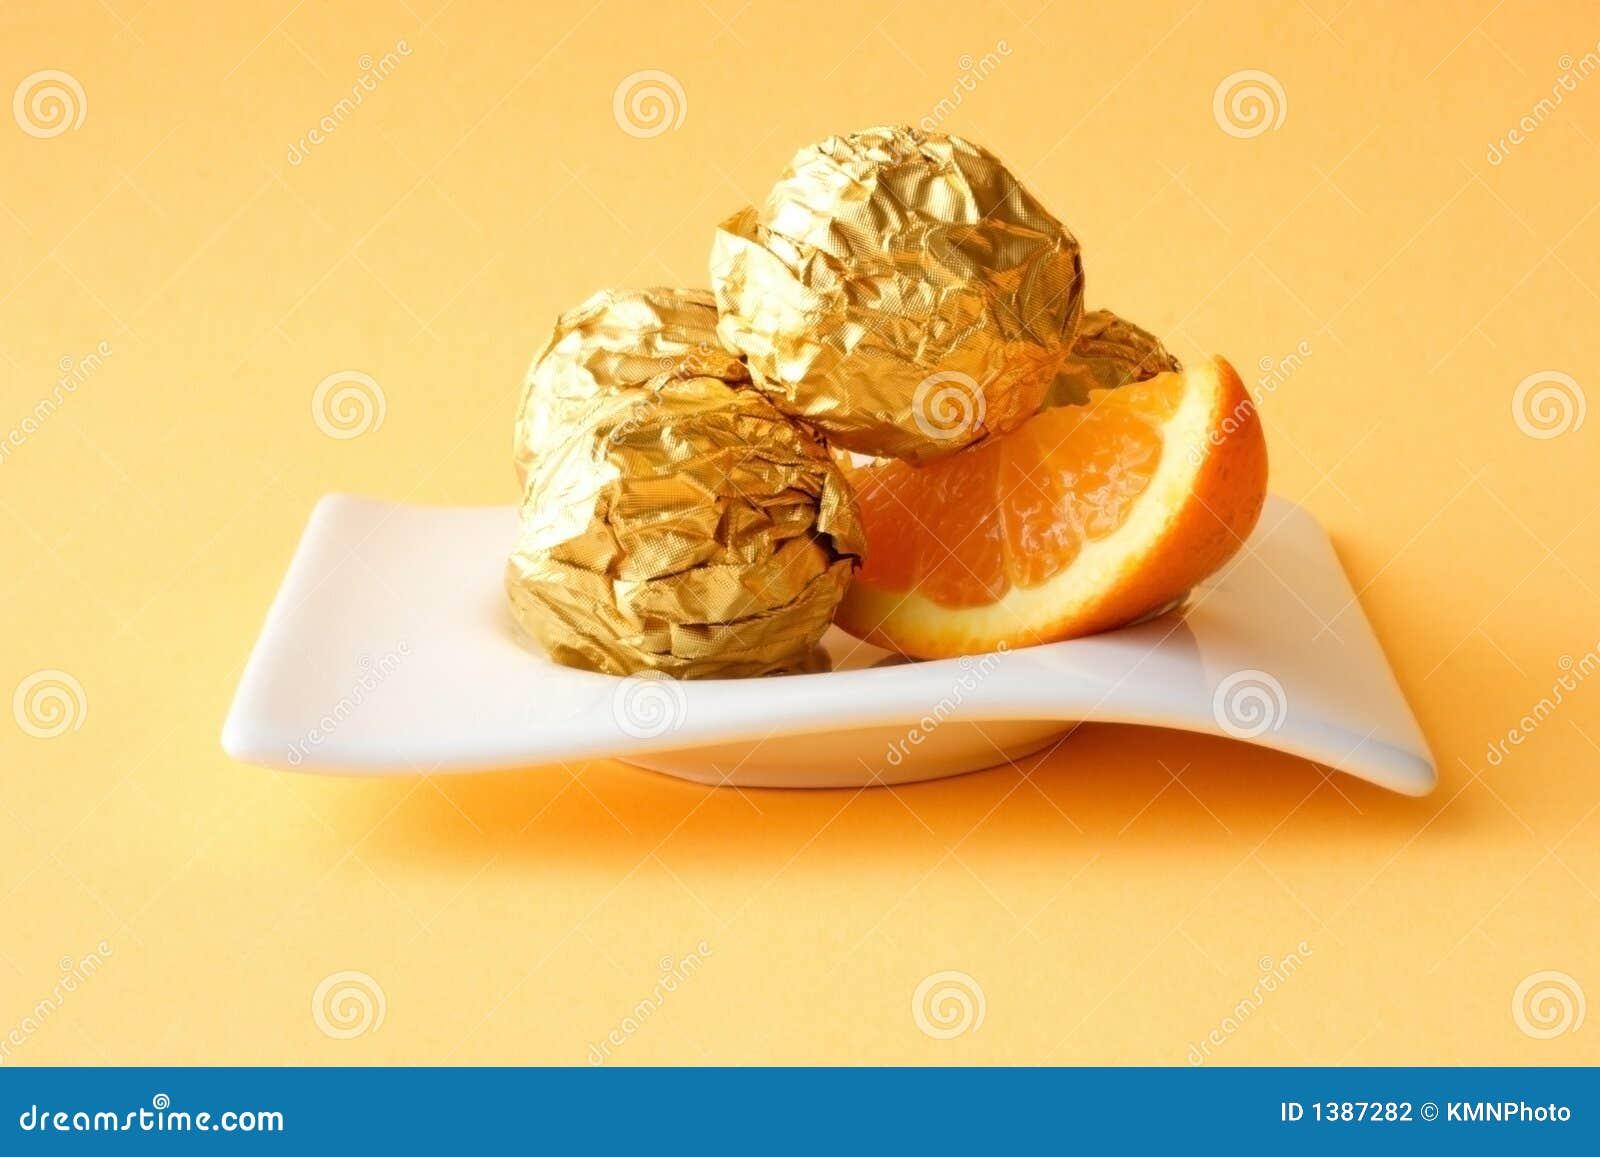 Cakes With Orange Stuff Stock Photo Image Of Dark Desire